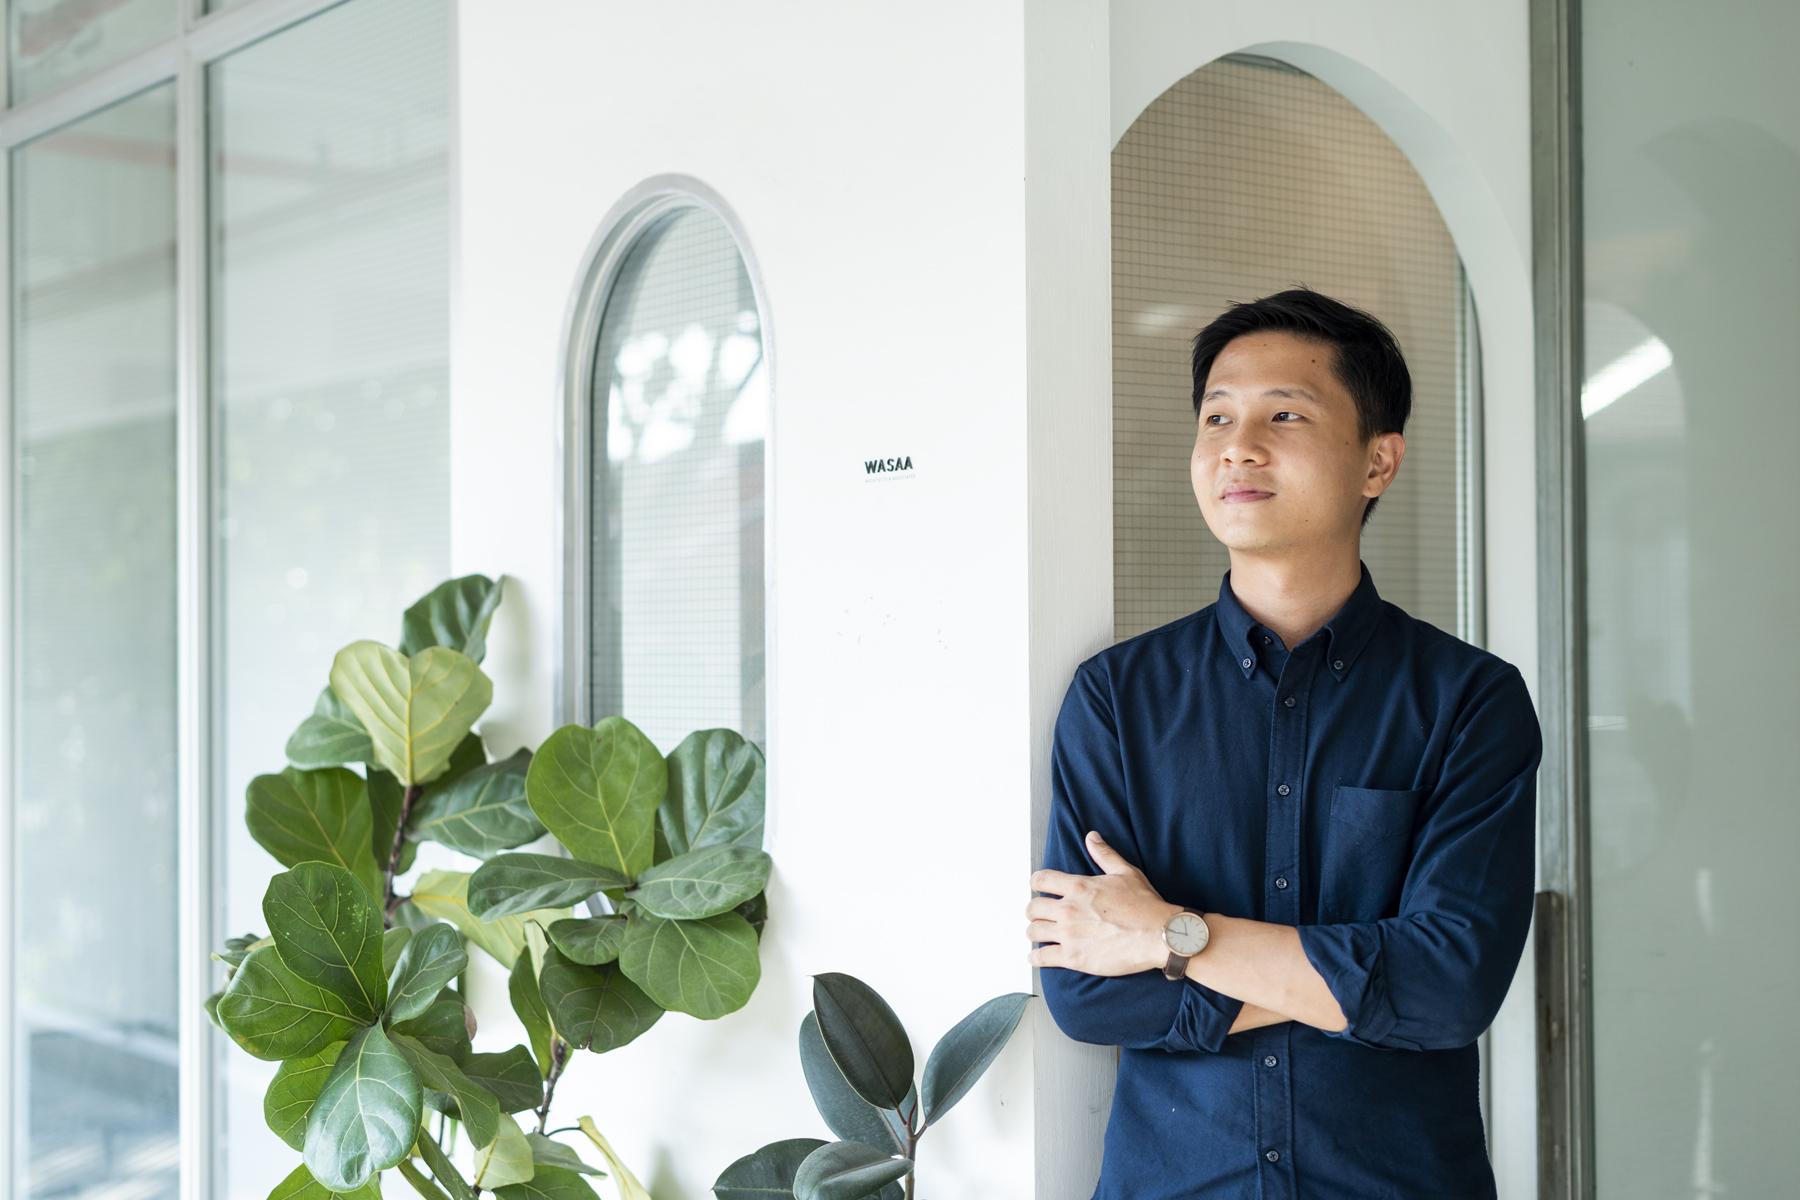 Architect Wu Huei Siang at his WASAA office